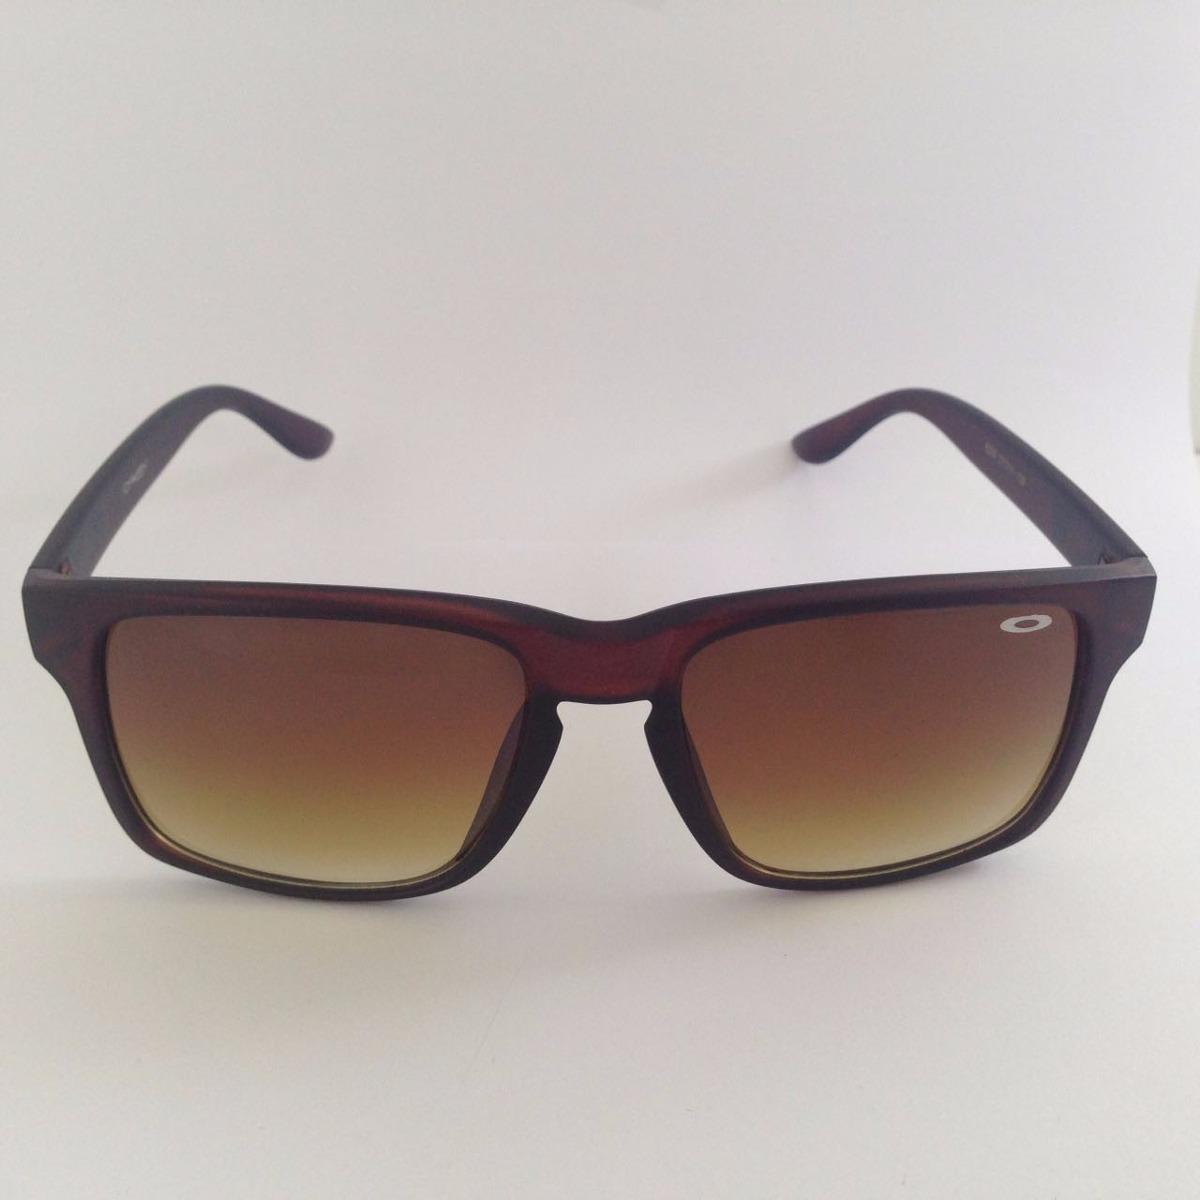 oculos de sol masculino quadrado valentin holbrook espelhado. Carregando  zoom. 68020bcefc